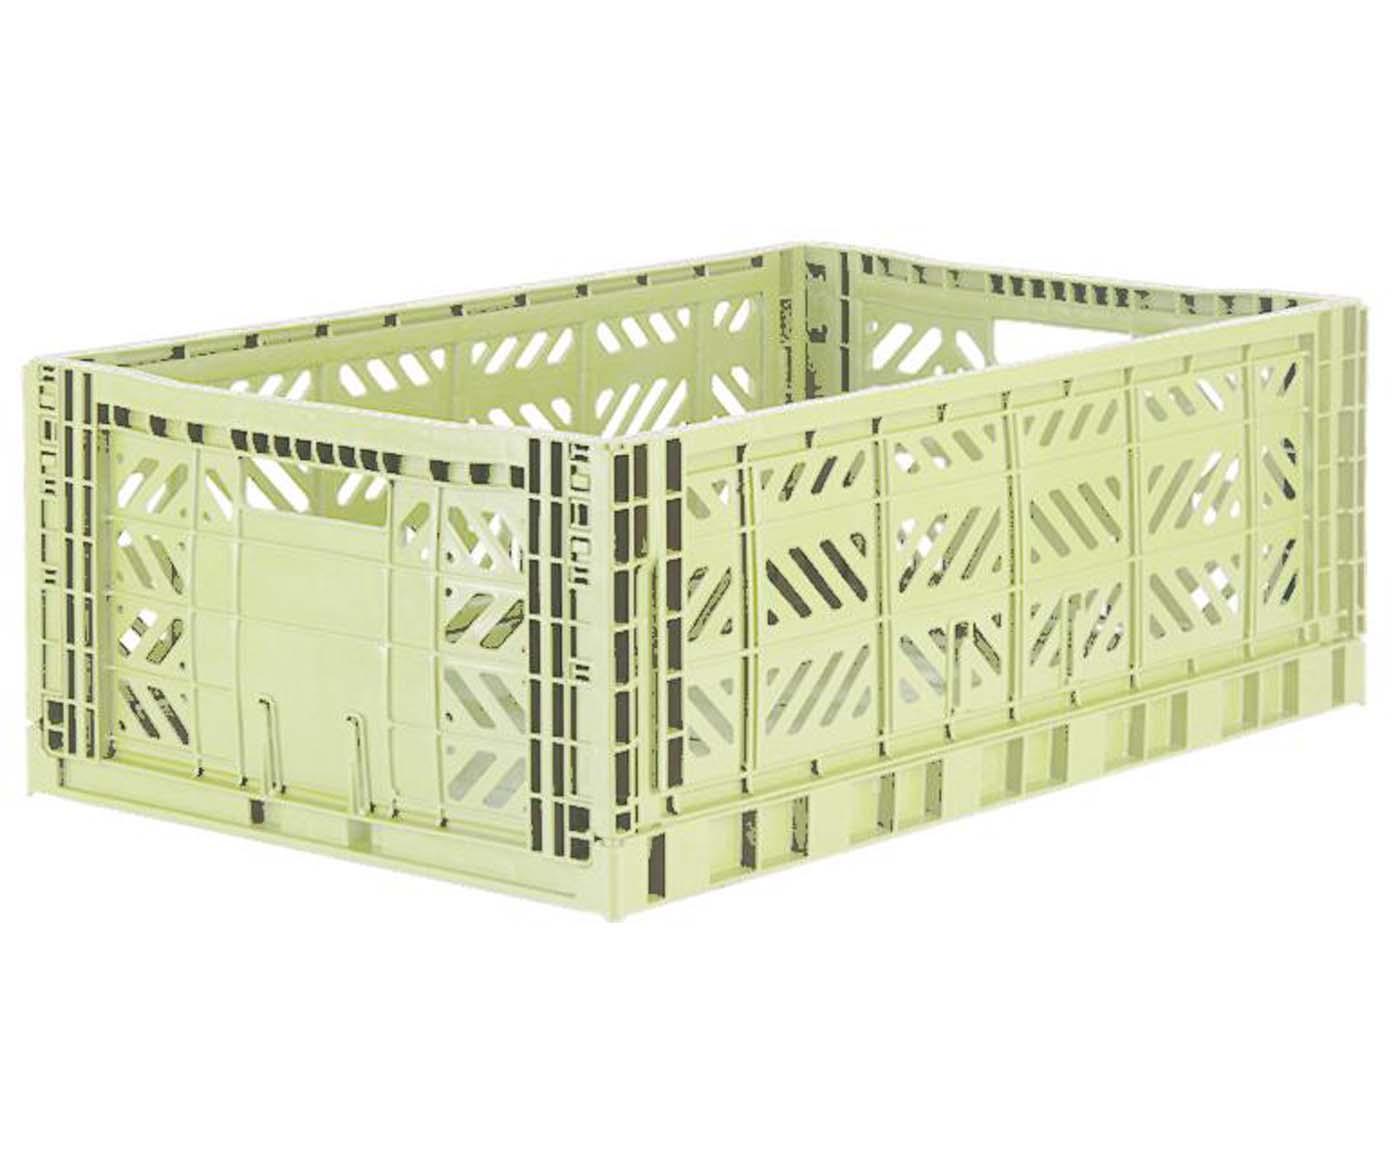 Kosz do przechowywania Melon, składany, duży, Tworzywo sztuczne z recyklingu, Zielony melonowy, S 60 x W 22 cm